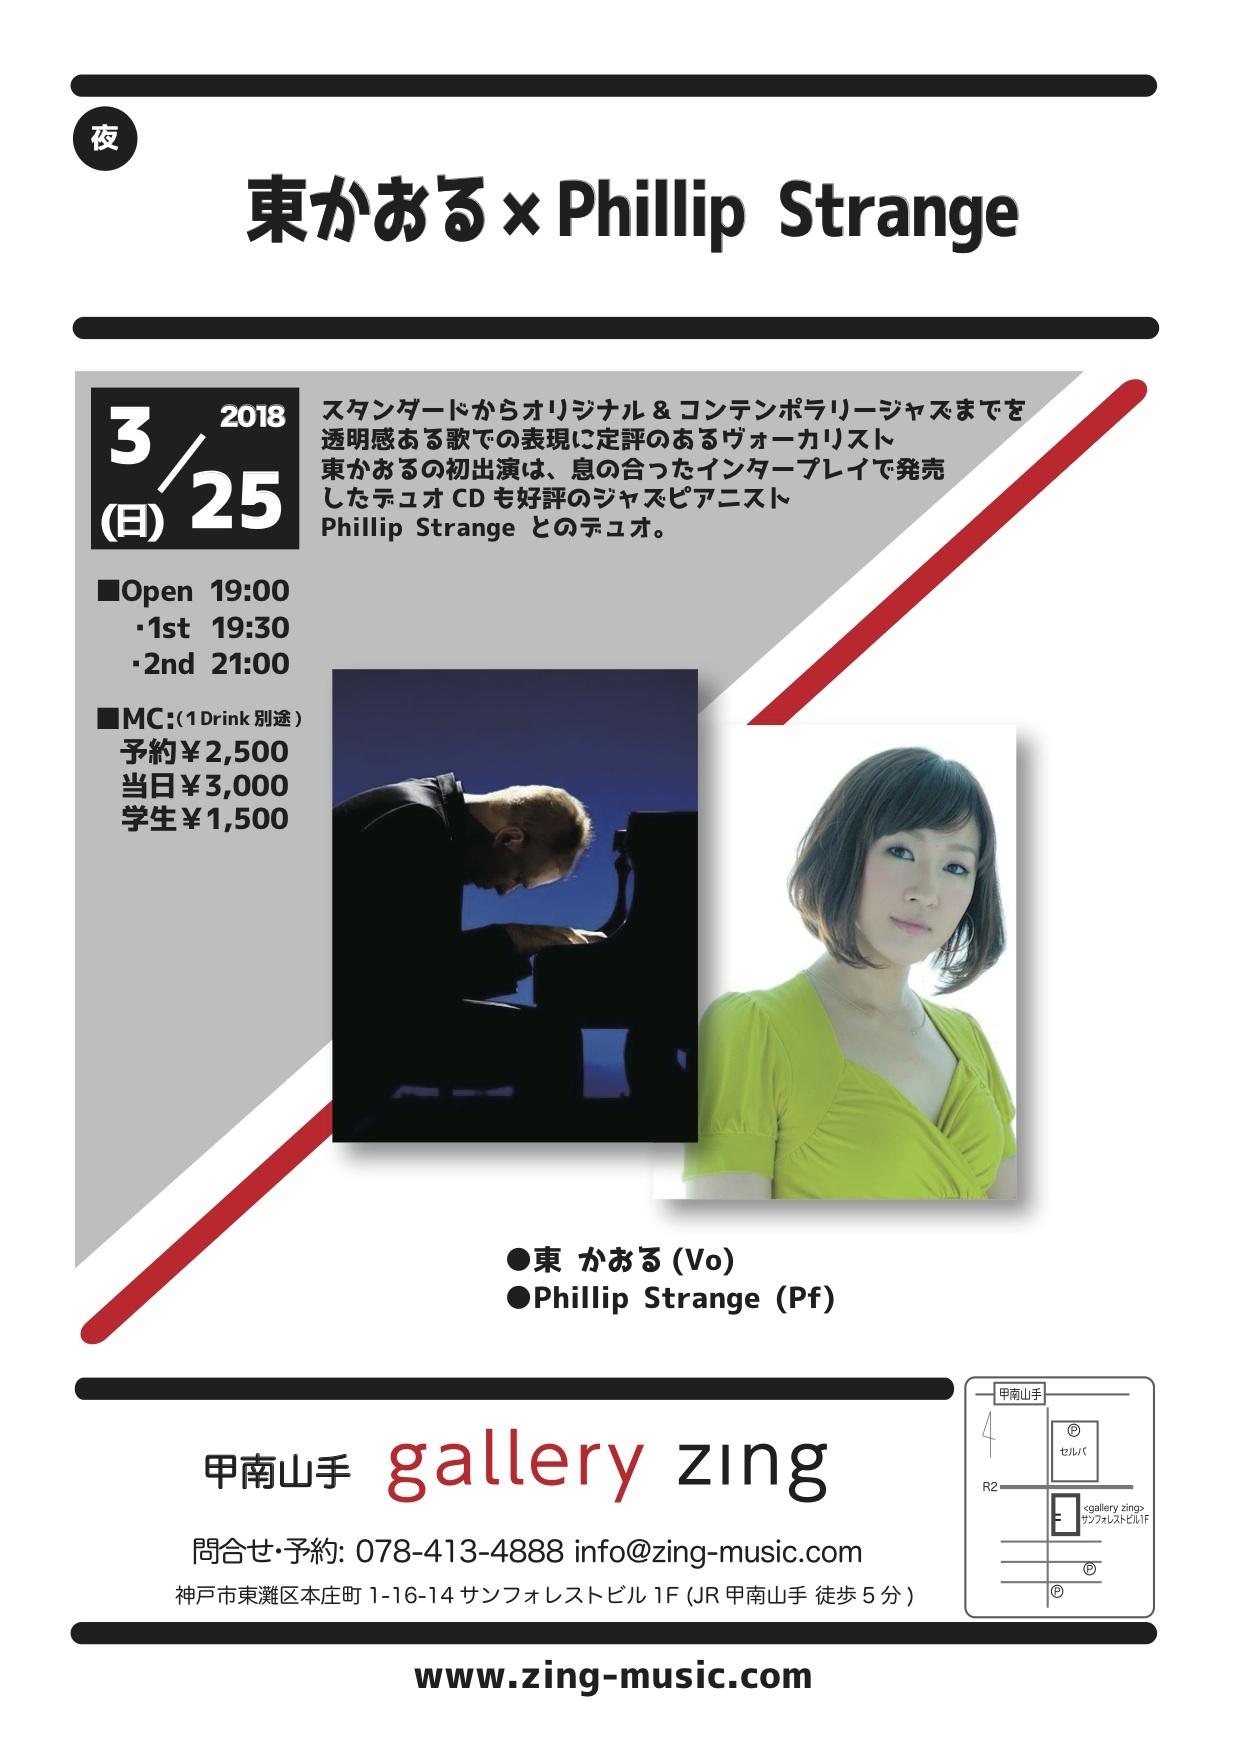 Kaoru Azuma (vo) and Phillip Strange (pf)